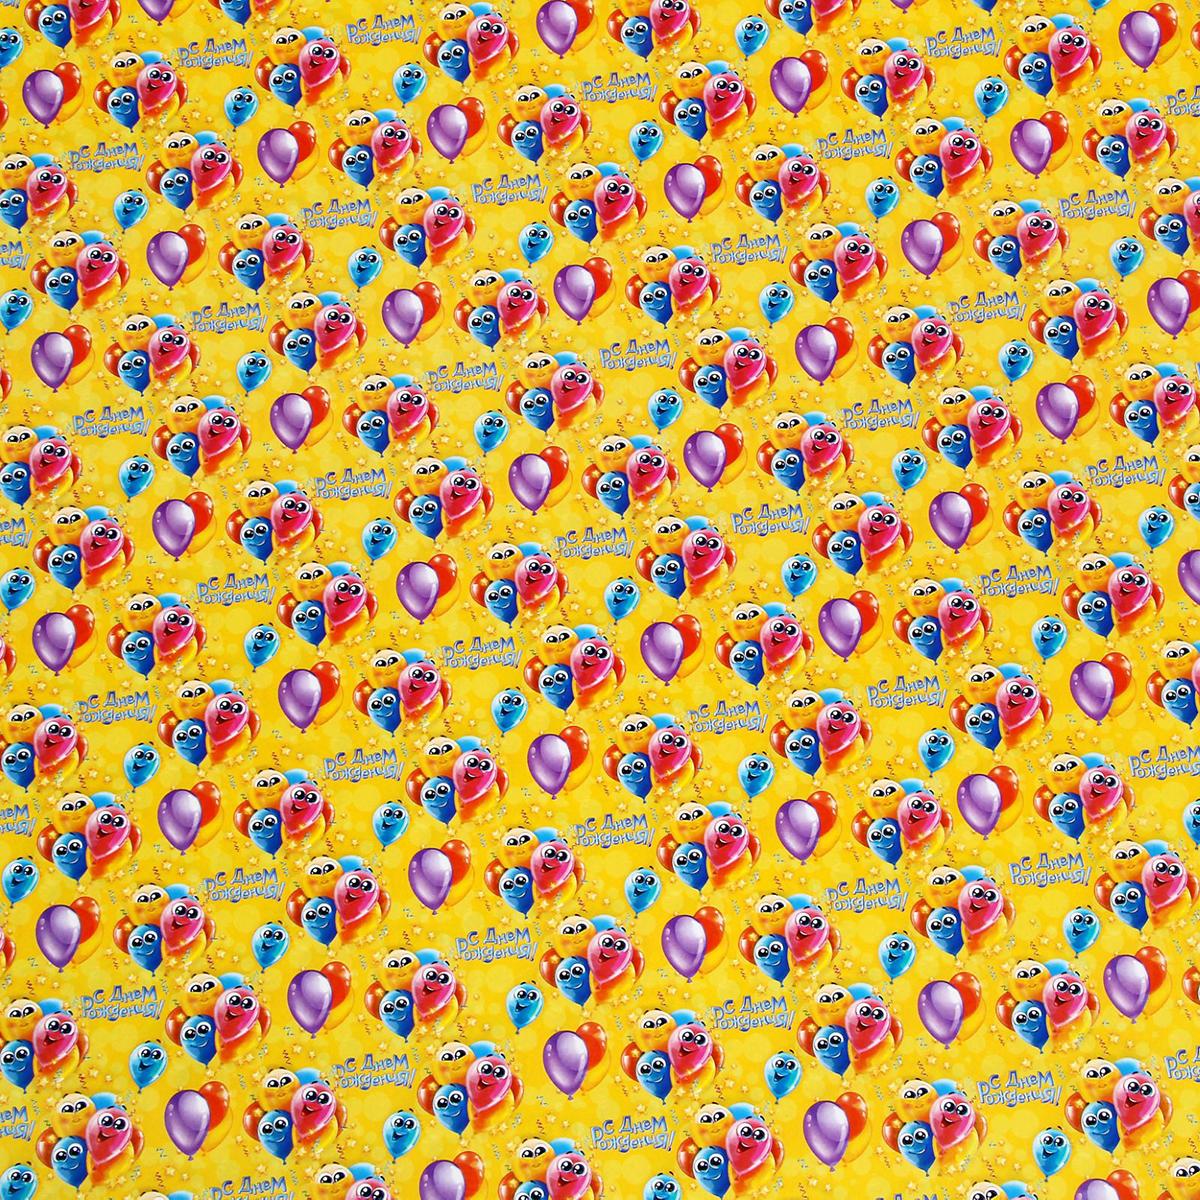 Бумага упаковочная Дарите счастье Шарики, глянцевая, 70 х 100 см. 13019941301994Все мы хотим, чтобы наш подарок запомнился близкому человеку. Сделать его нарядным и праздничным призвана упаковка. А как насчёт того, чтобы самостоятельно оформить презент? Для этого вам понадобится упаковочная бумага, красивая лента и двусторонний скотч. Наша бумага — односторонняя, сделана из высококачественной целлюлозы плотностью 80 г/м?. Если не знаете, как лучше упаковать подарок с помощью бумаги — смотрите инструкцию!